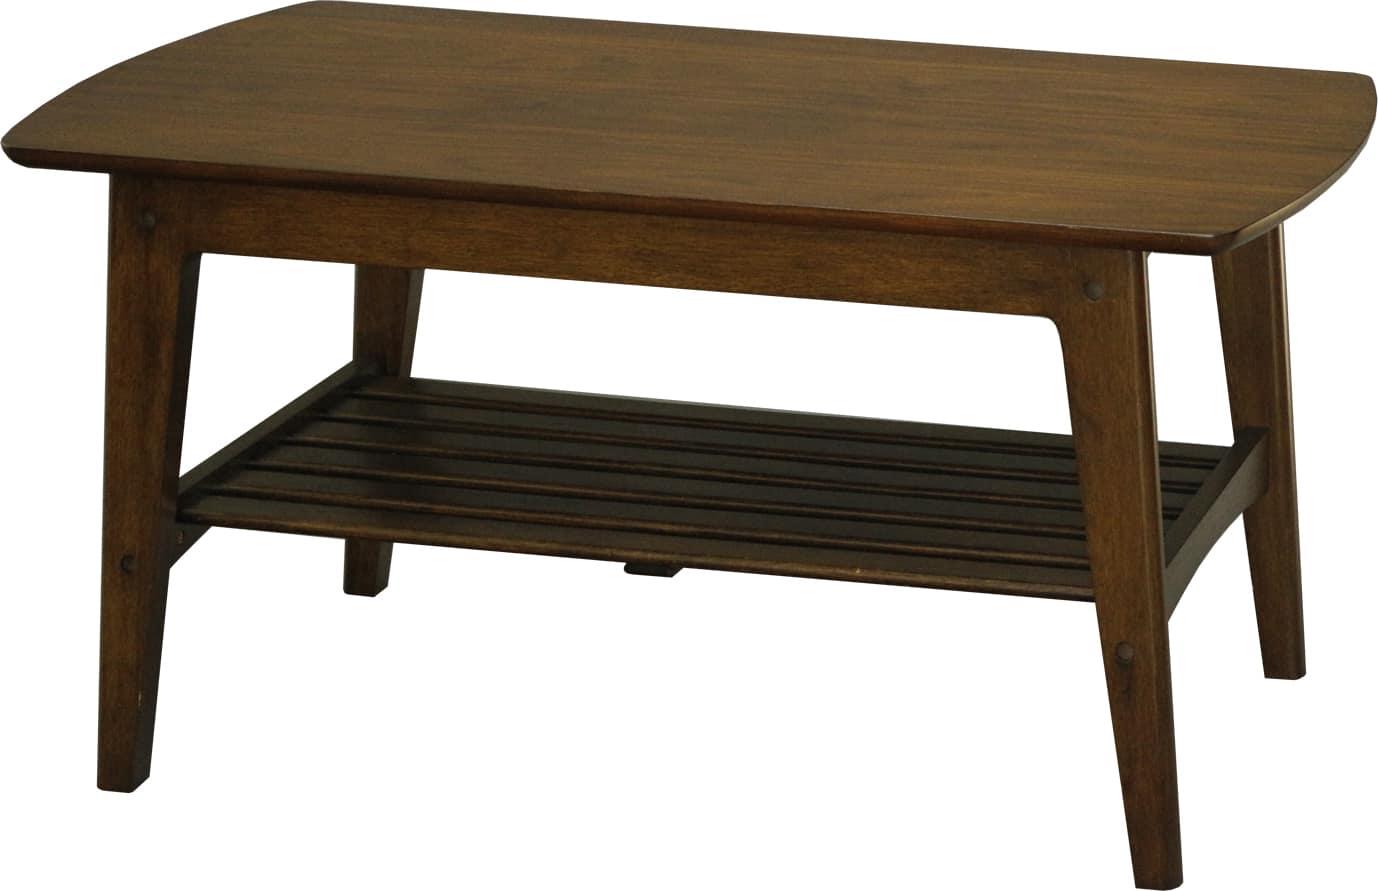 ロージー センターテーブル105幅 (BR):センターテーブル